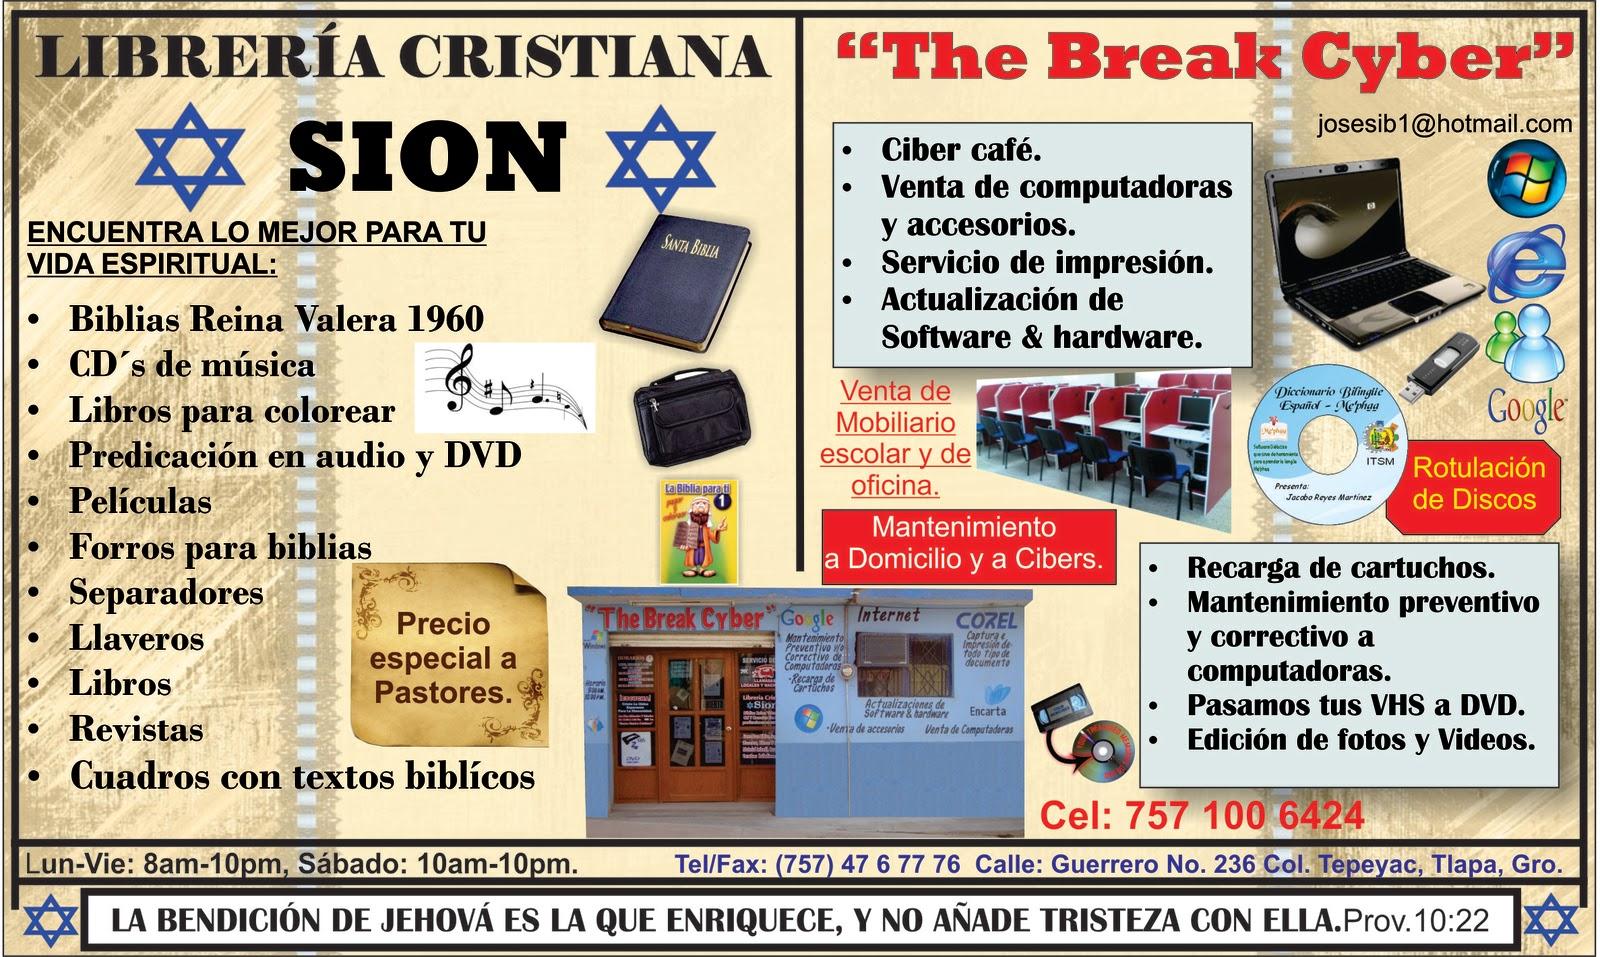 Gu a de negocios y m s tlapa el buen servicio nos distingue - Librerias cristiana ...